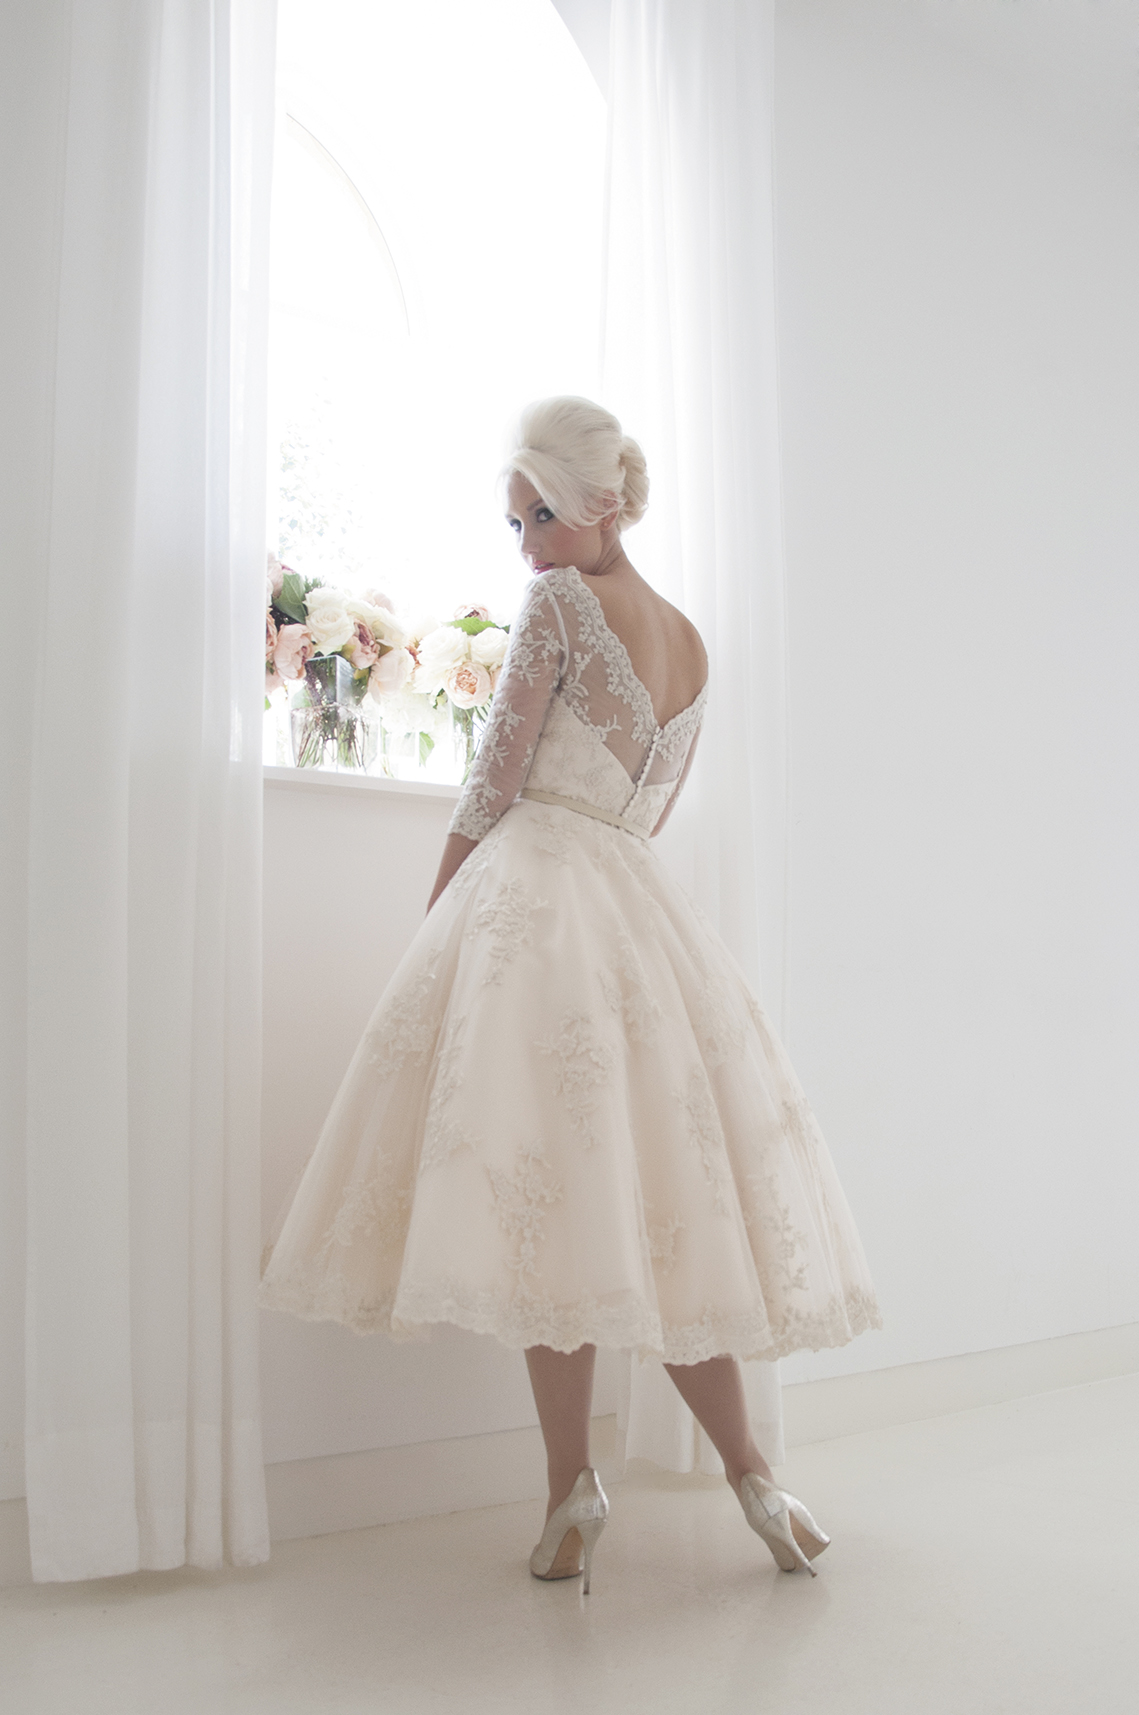 exquisitely detailed mooshki dress